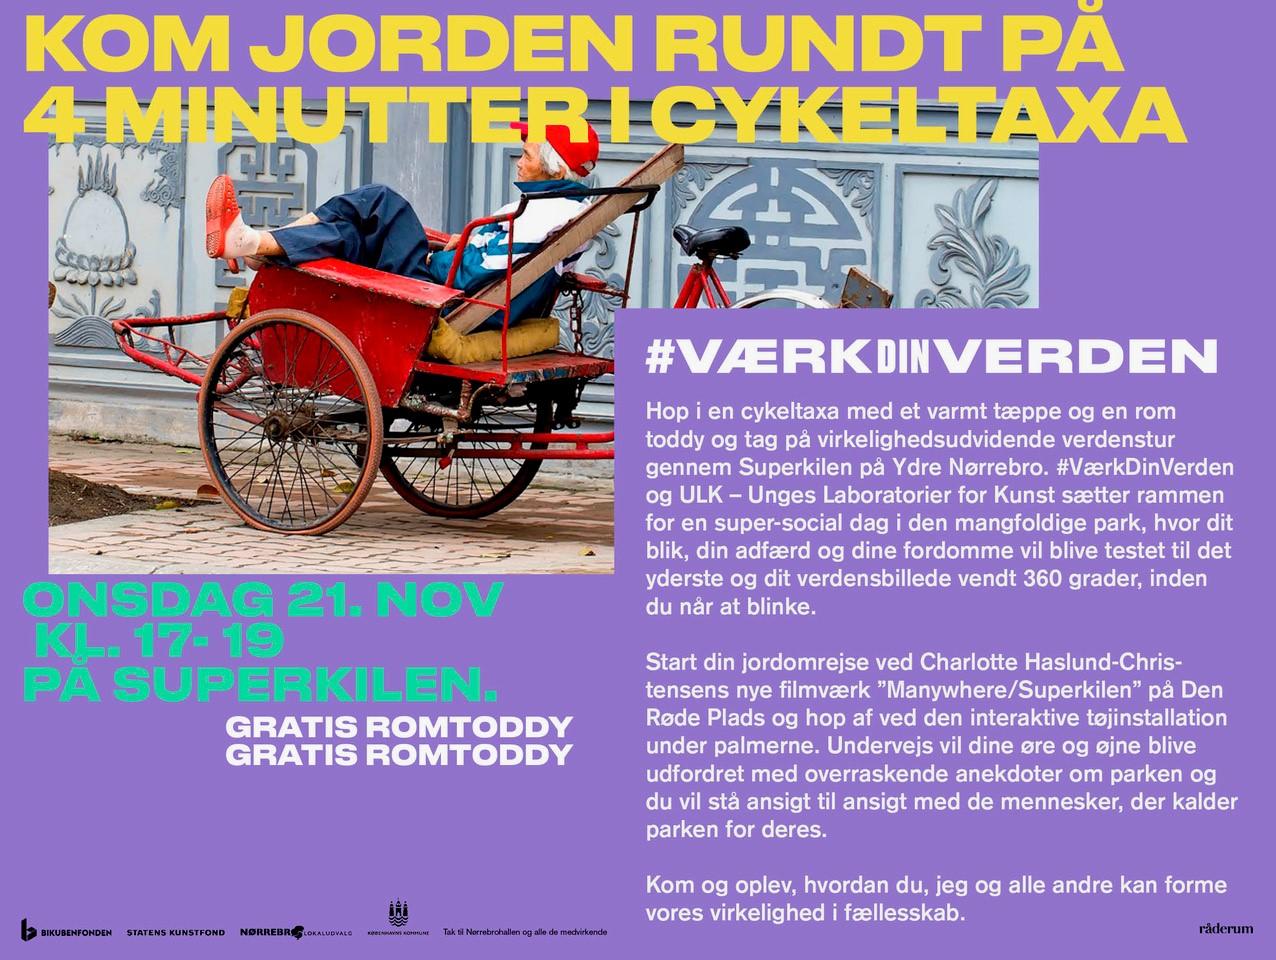 Film, cykeltaxi og romtoddy på Den Røde Plads